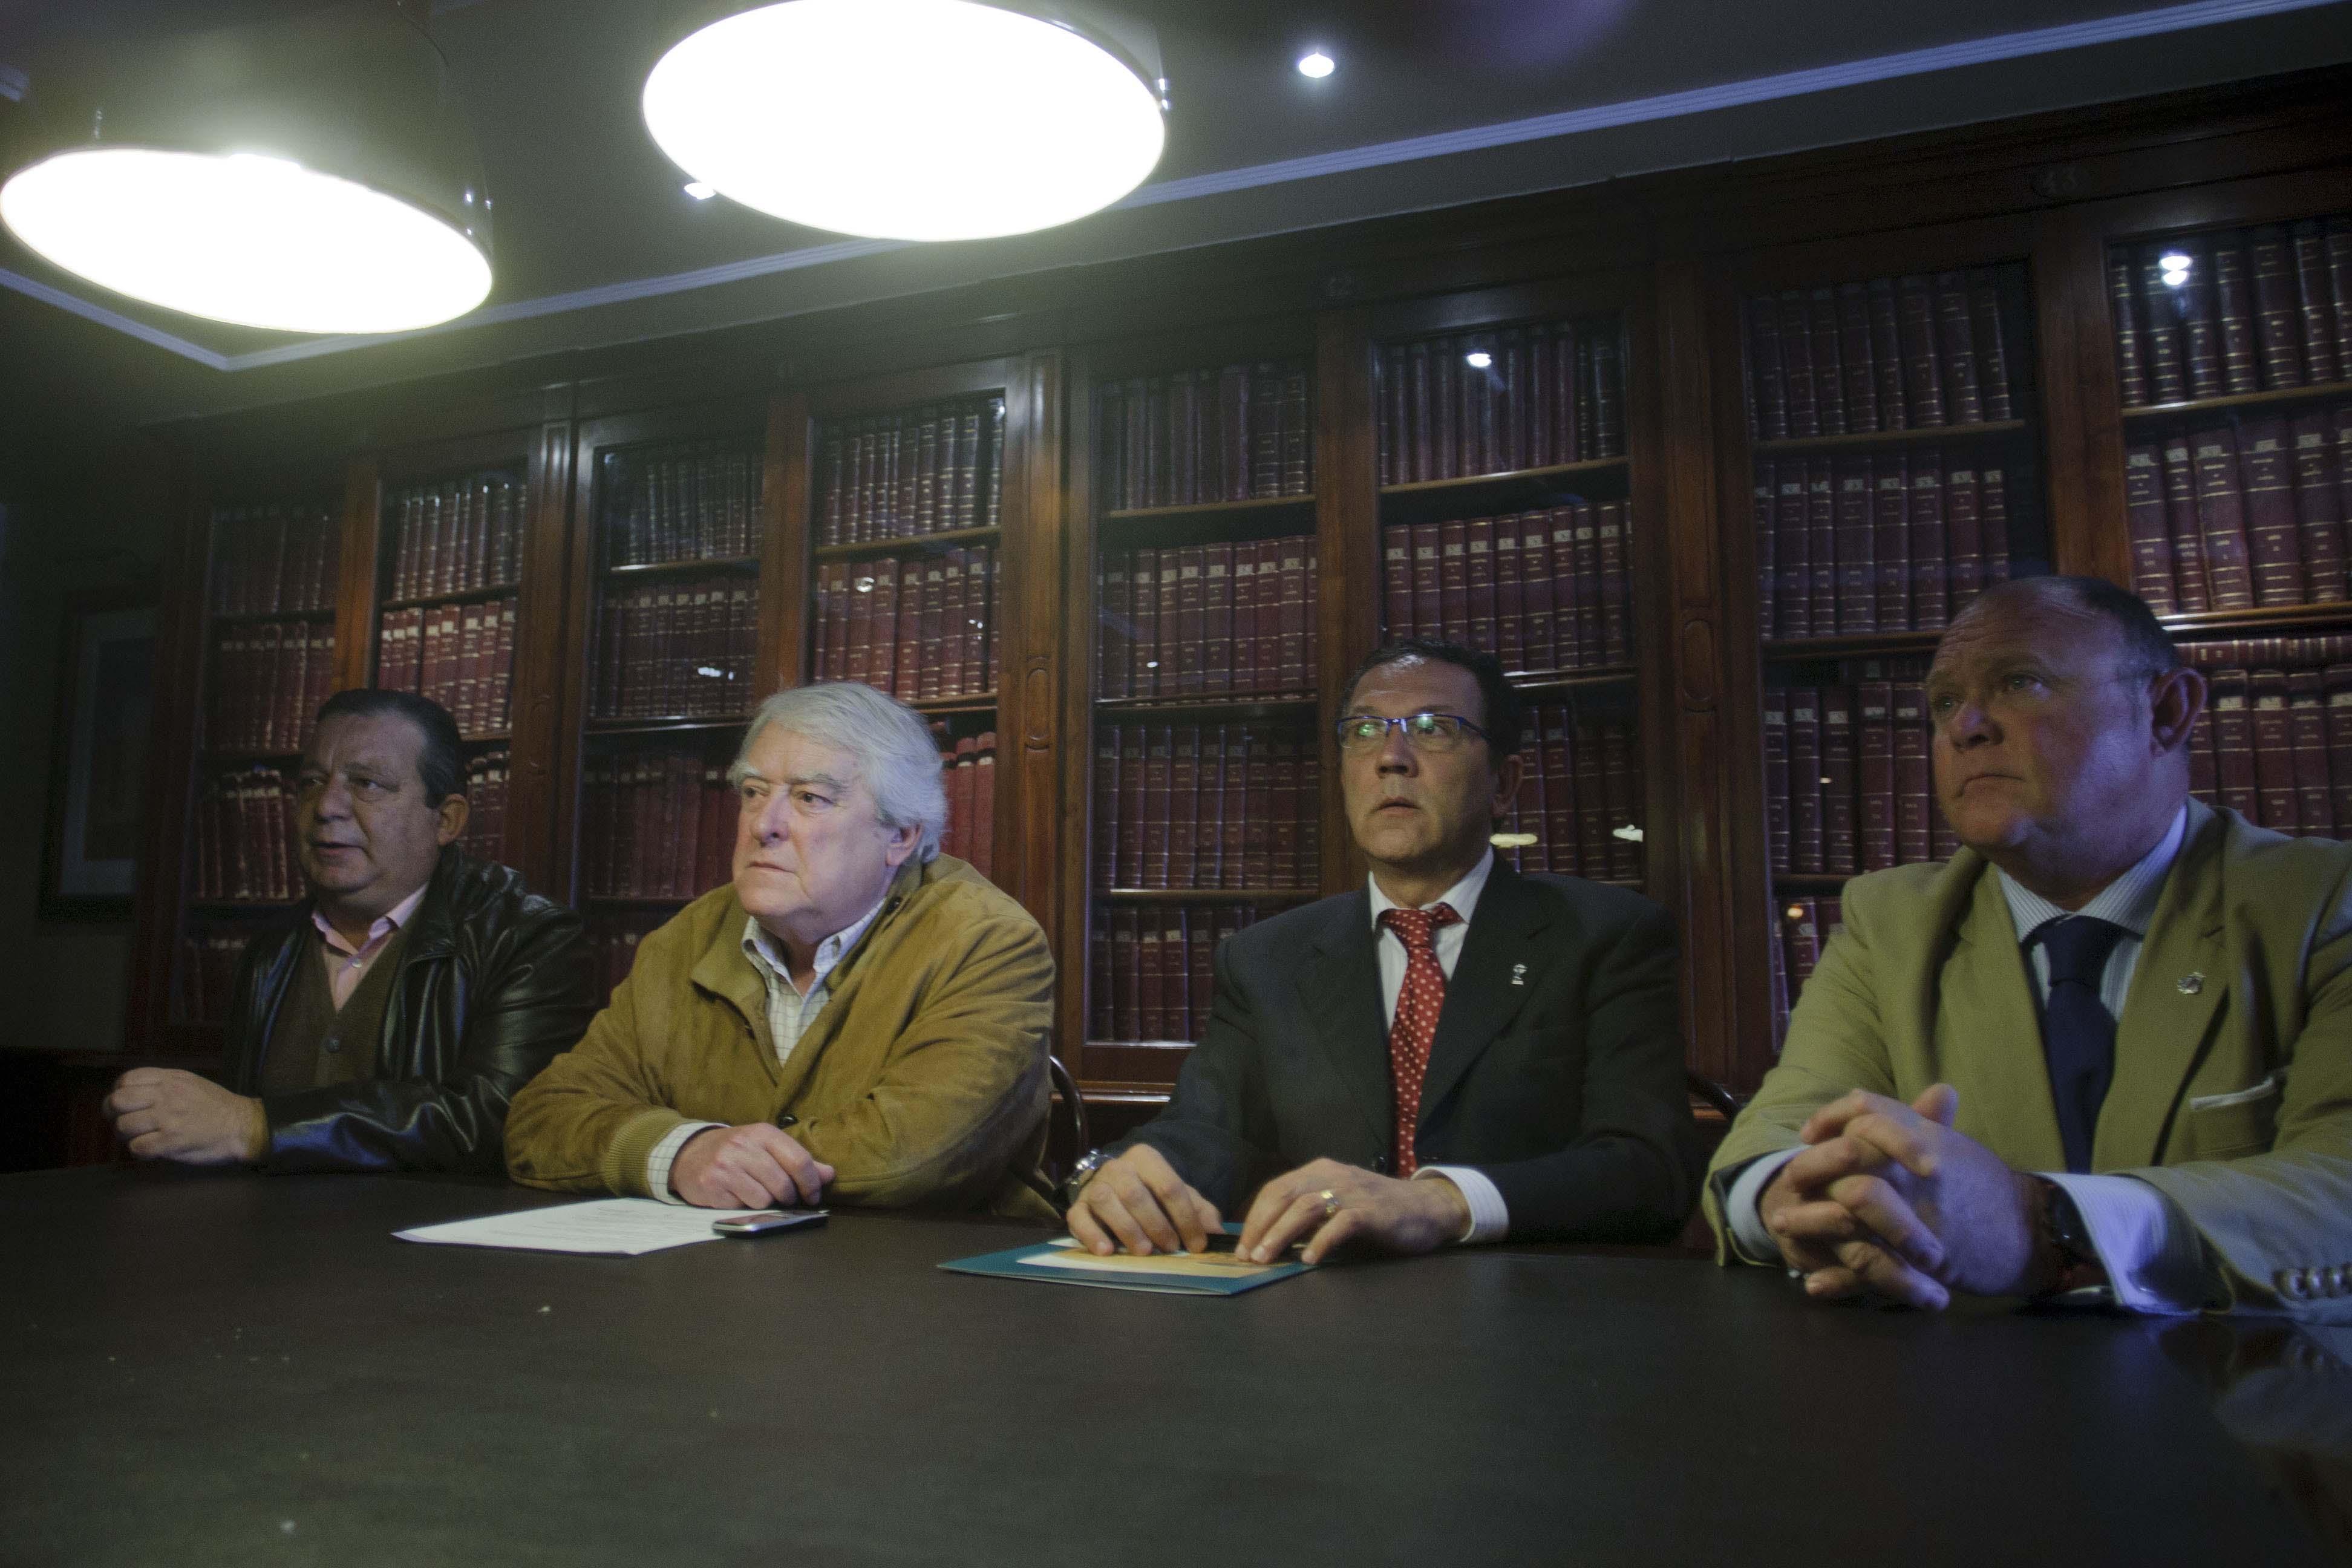 El Faro organiza fiestas con grupos ilegales y del Concurso del Falla